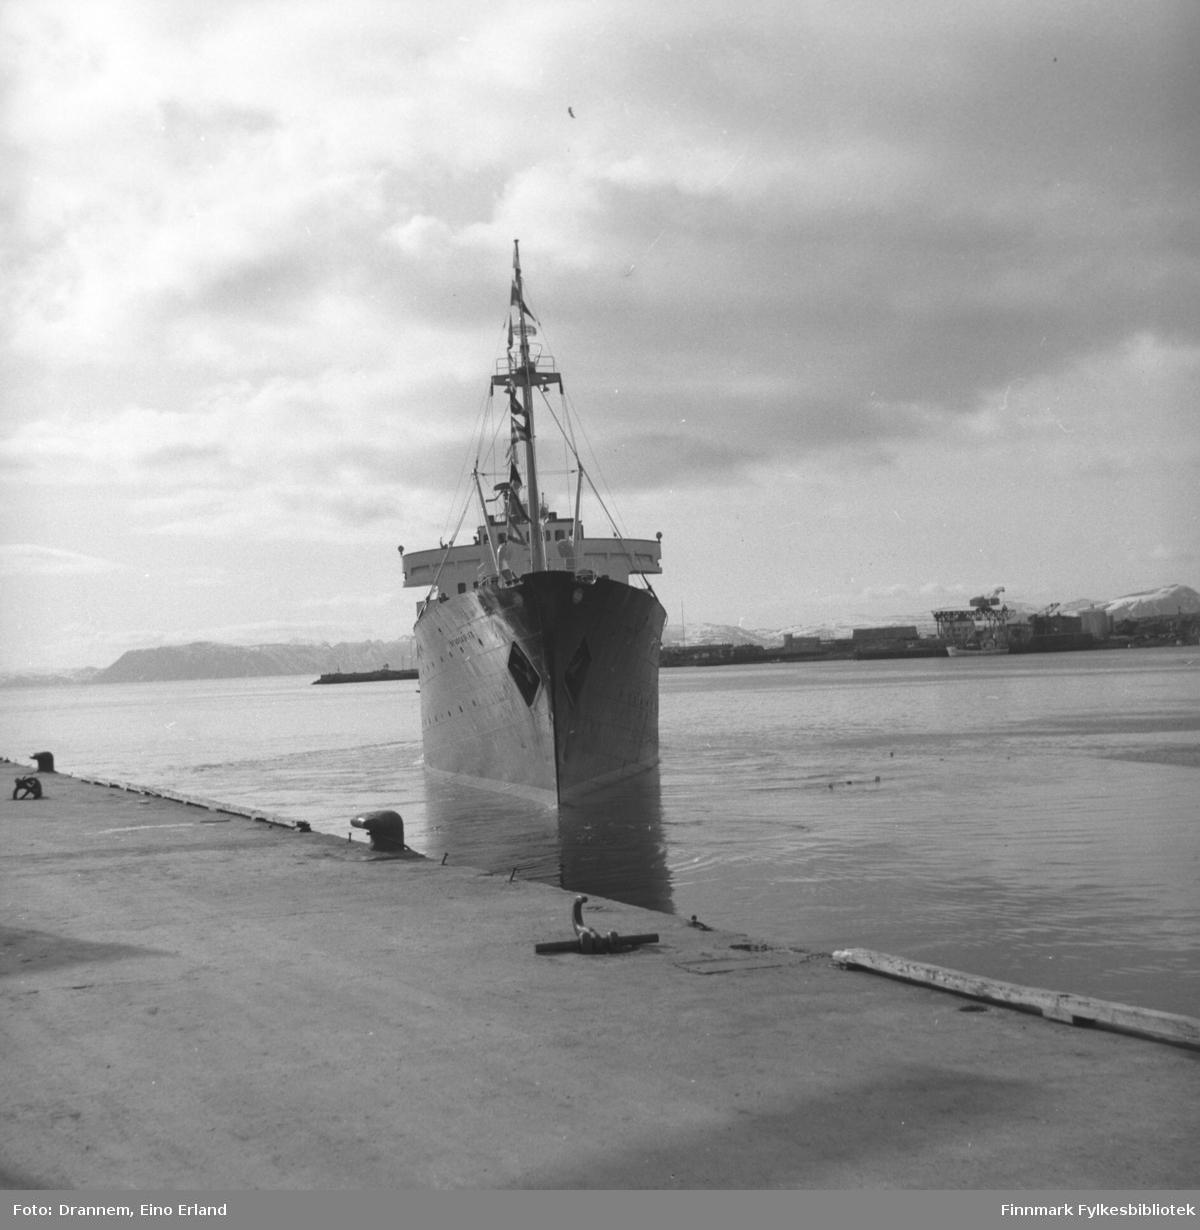 Et skip på vei inn mot Dampskipskaia i Hammerfest. Skipet ligner på MS Vesteraalens rederilogo på hver side av baugen.  Dette må derfor være M/S Vesterålen. På dette bildet ser man Fuglenesodden i bakgrunnen.